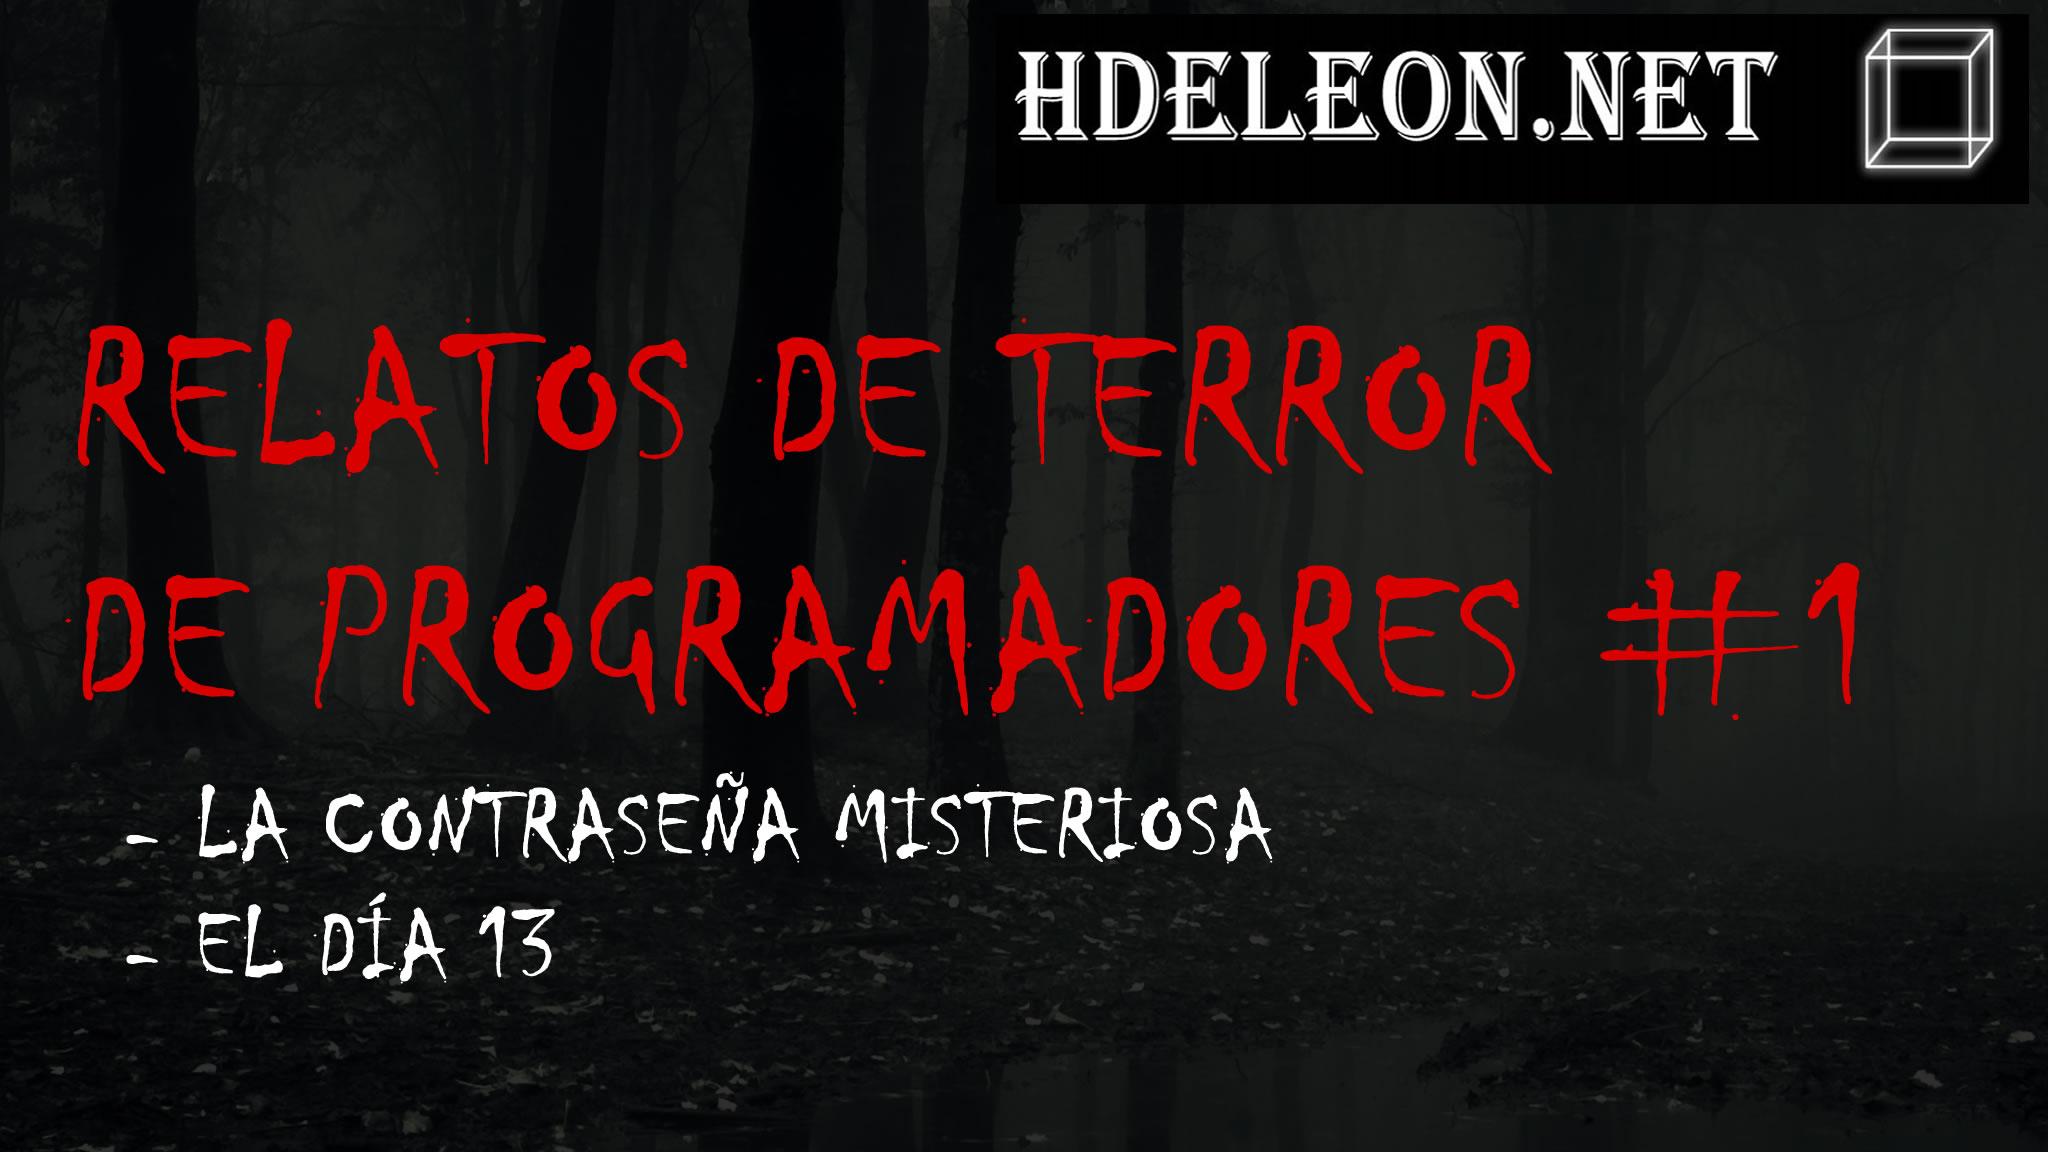 Relatos de terror de programadores #1: La contraseña misteriosa y el día 13